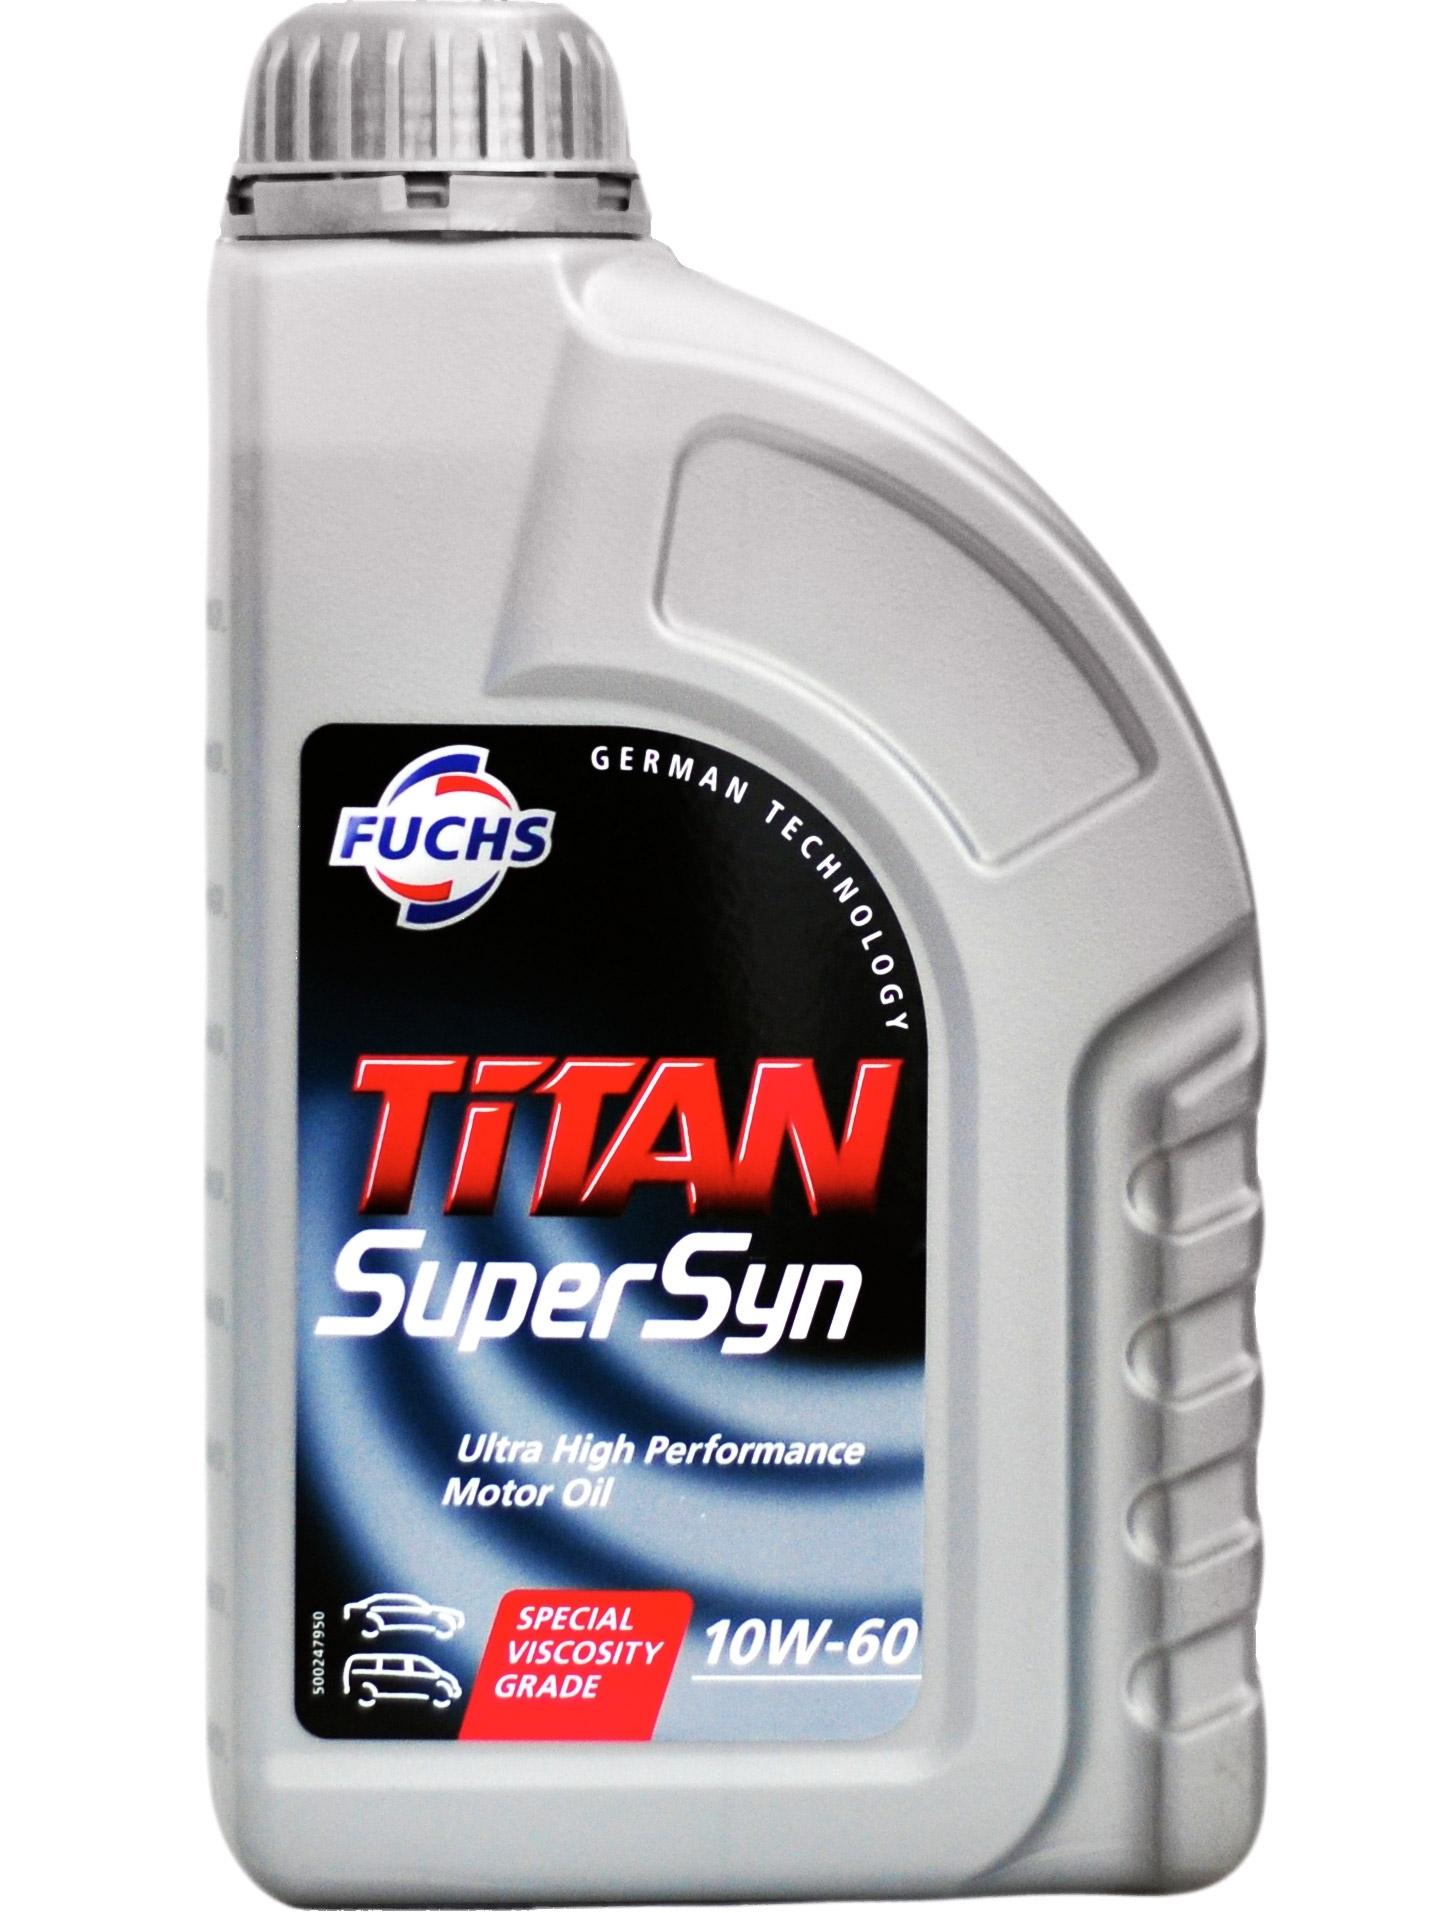 TITAN SUPERSYN Fuchs 600761646